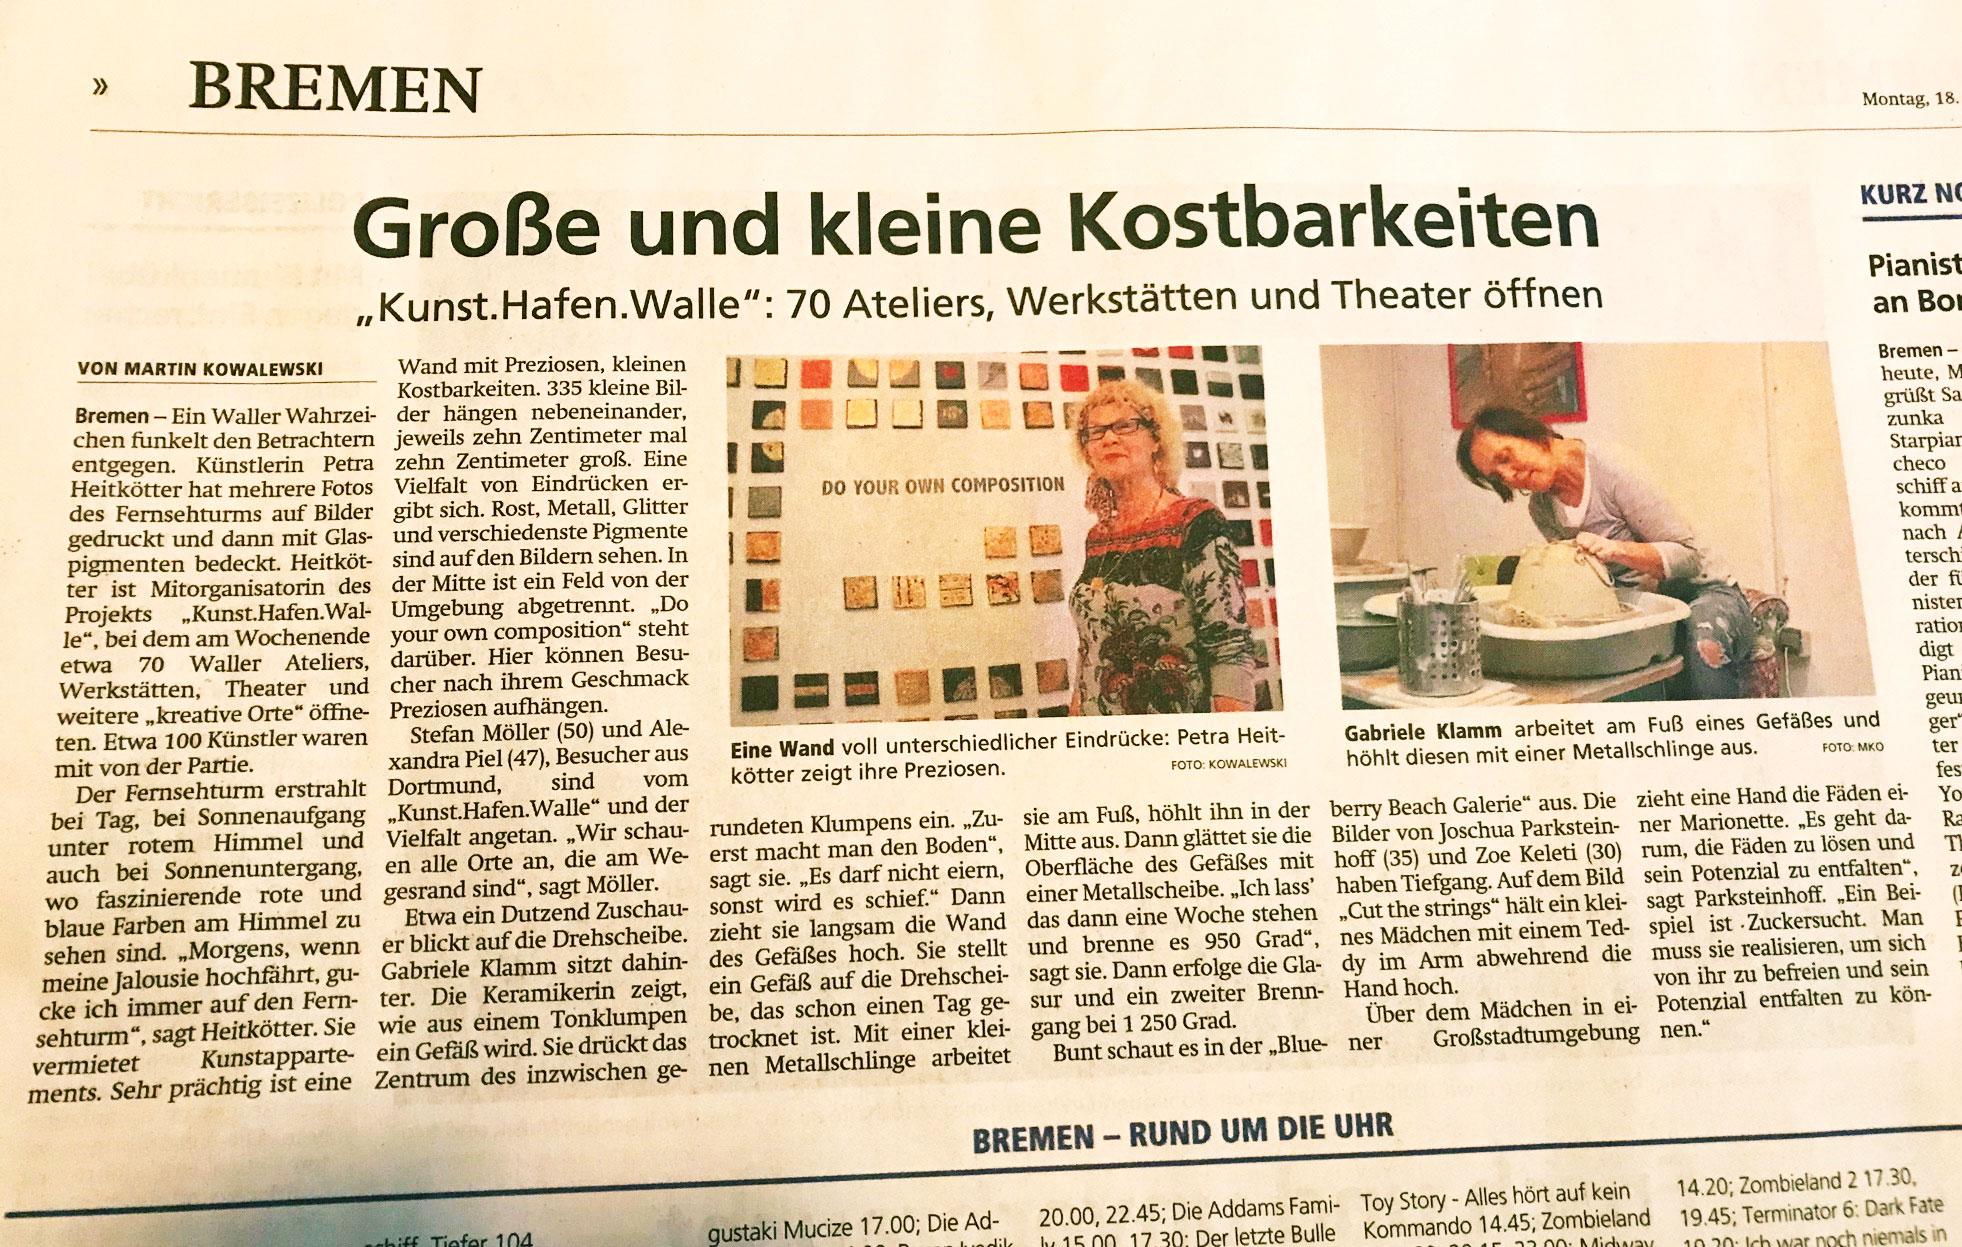 Kreiszeitung 18.11.2019